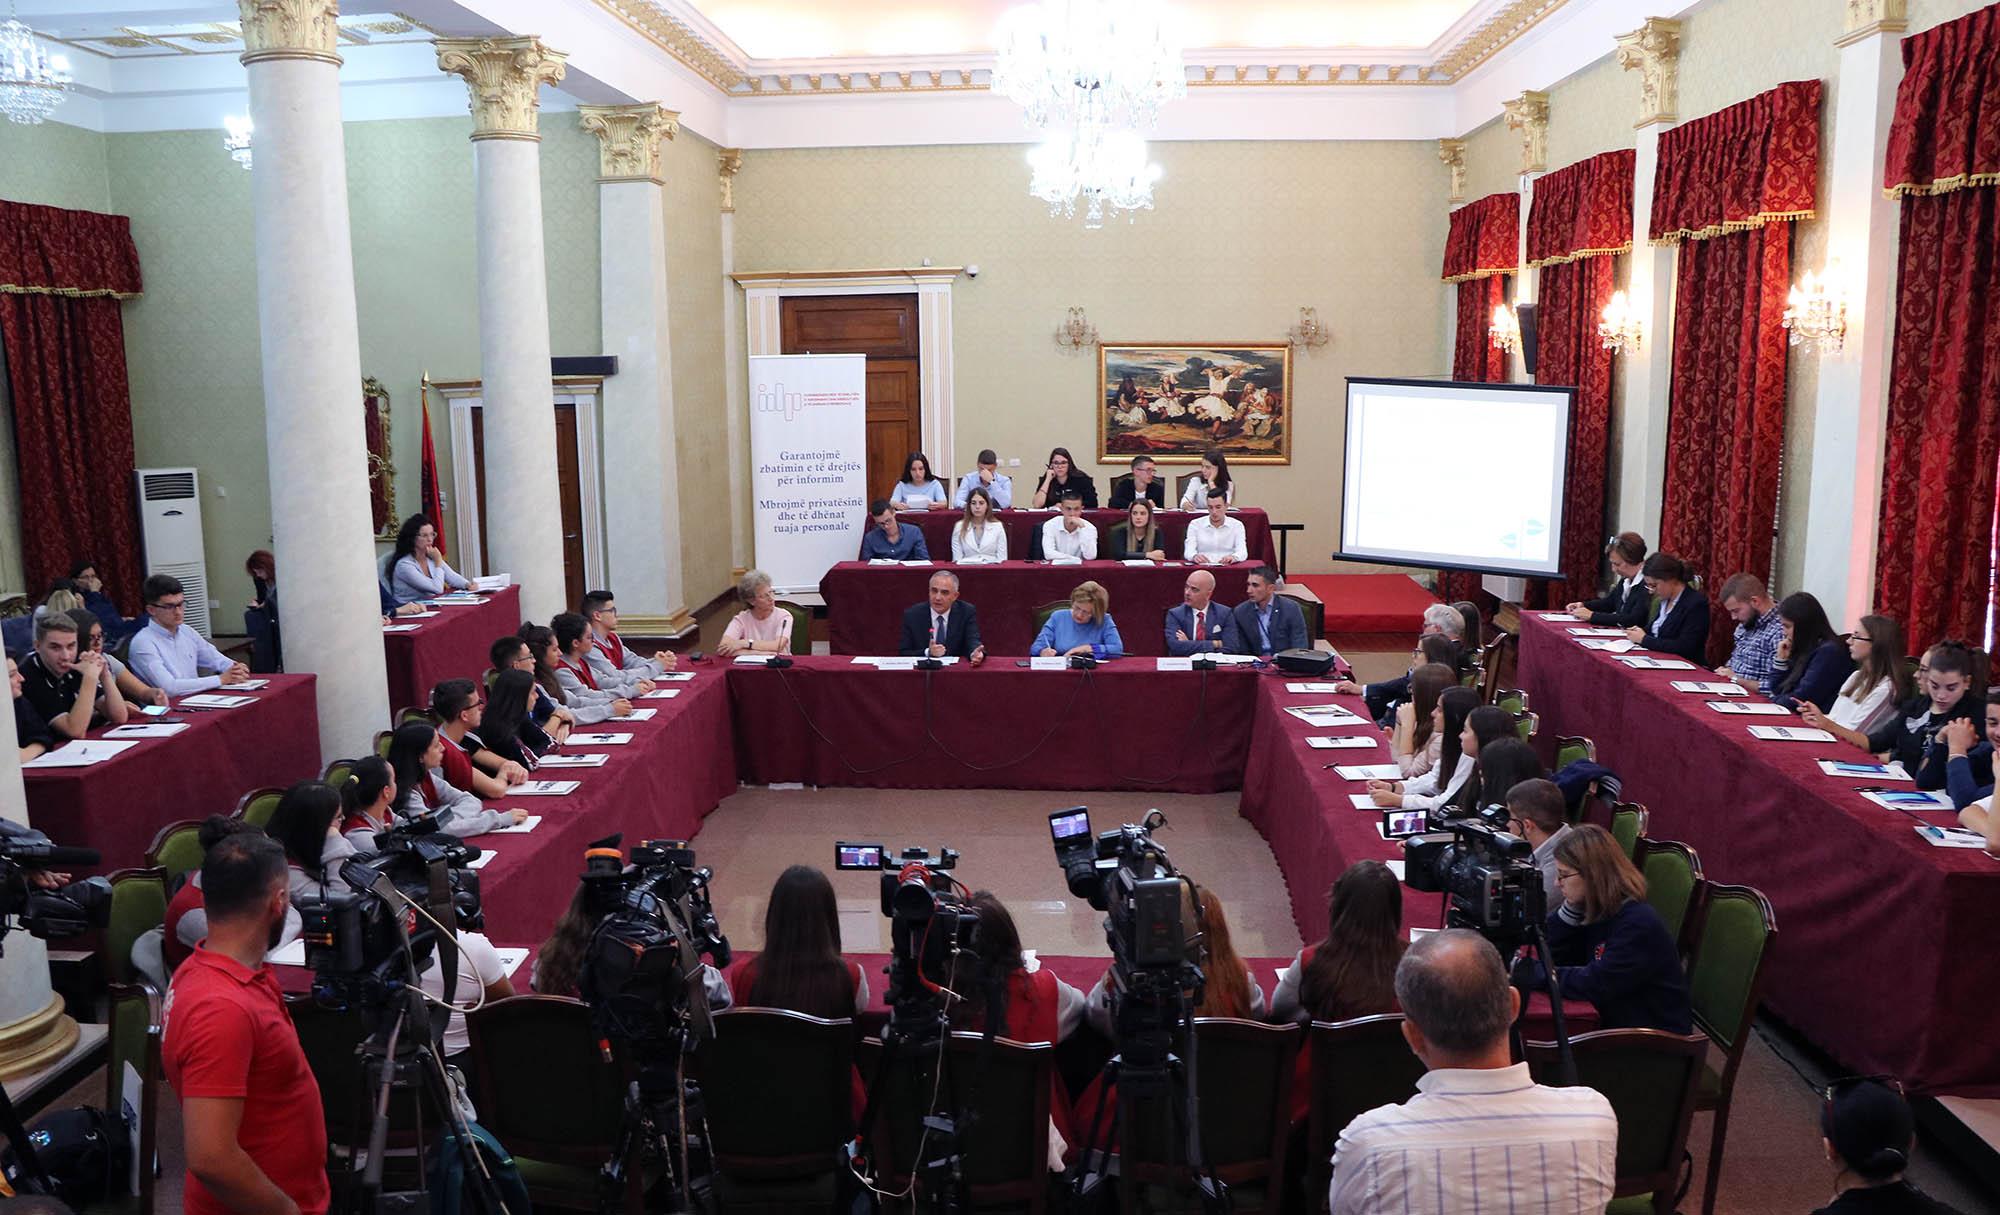 Dita Ndërkombëtare e të Drejtës për Informim, takim i hapur me nxënësit e shkollave të mesme të Tiranës